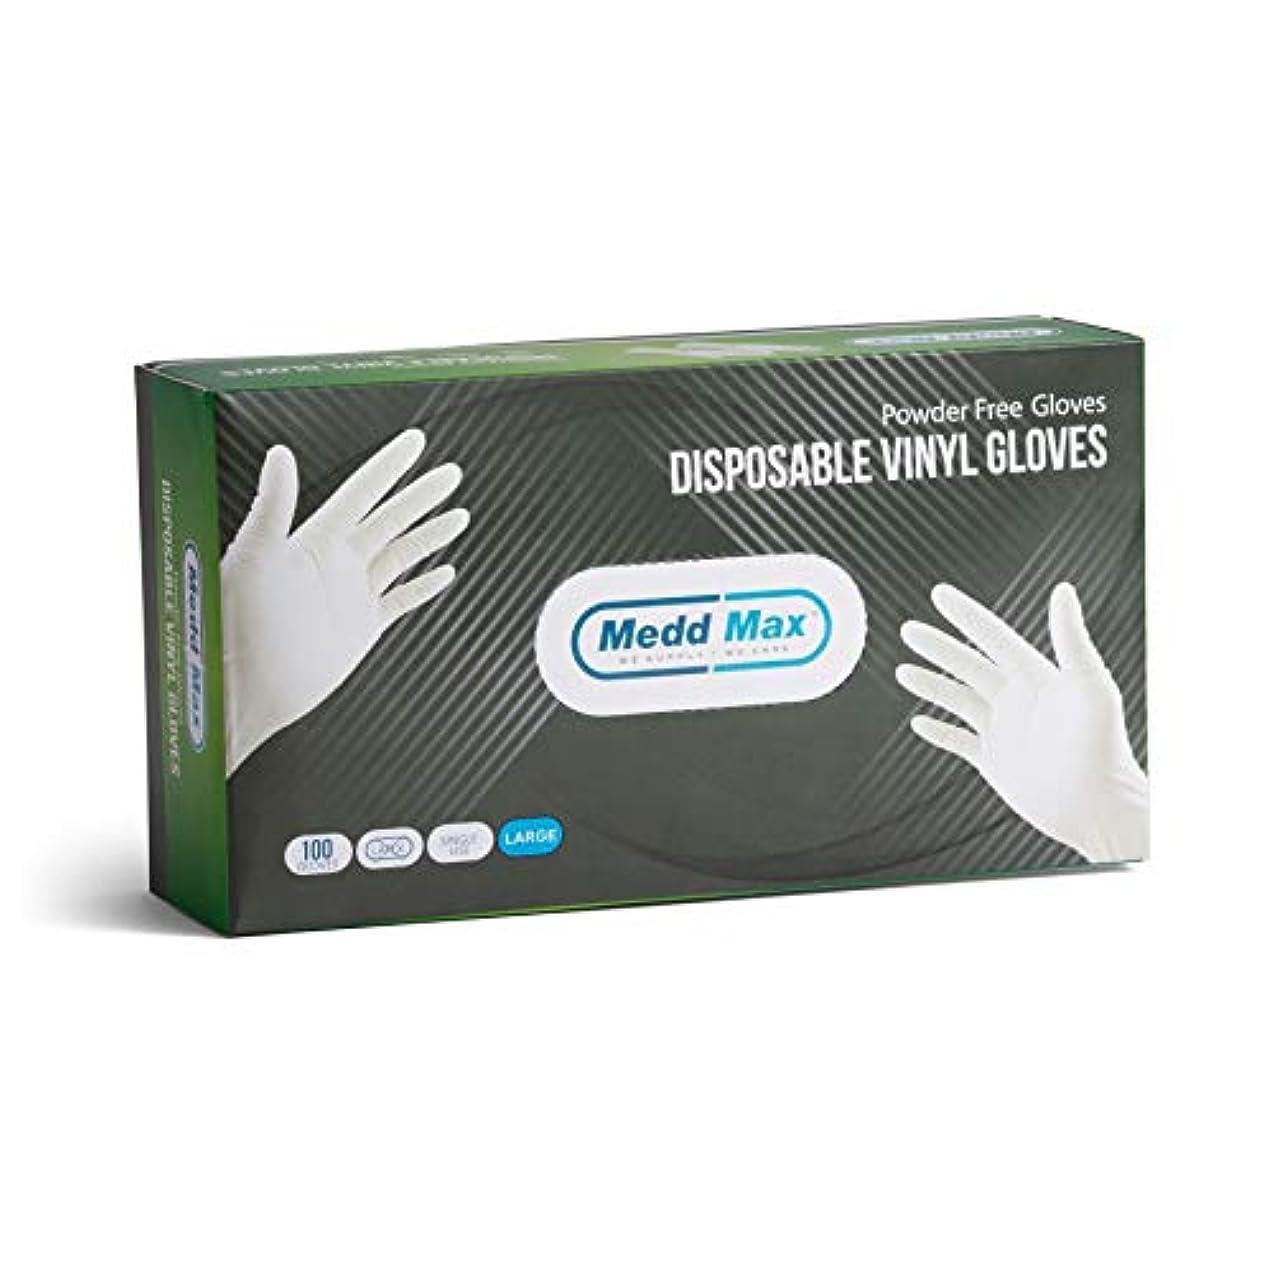 質素な看板反映するMedd Max 使い捨て ビニール手袋 パウダー フリーサイズ ラージ 試験グレード 手袋